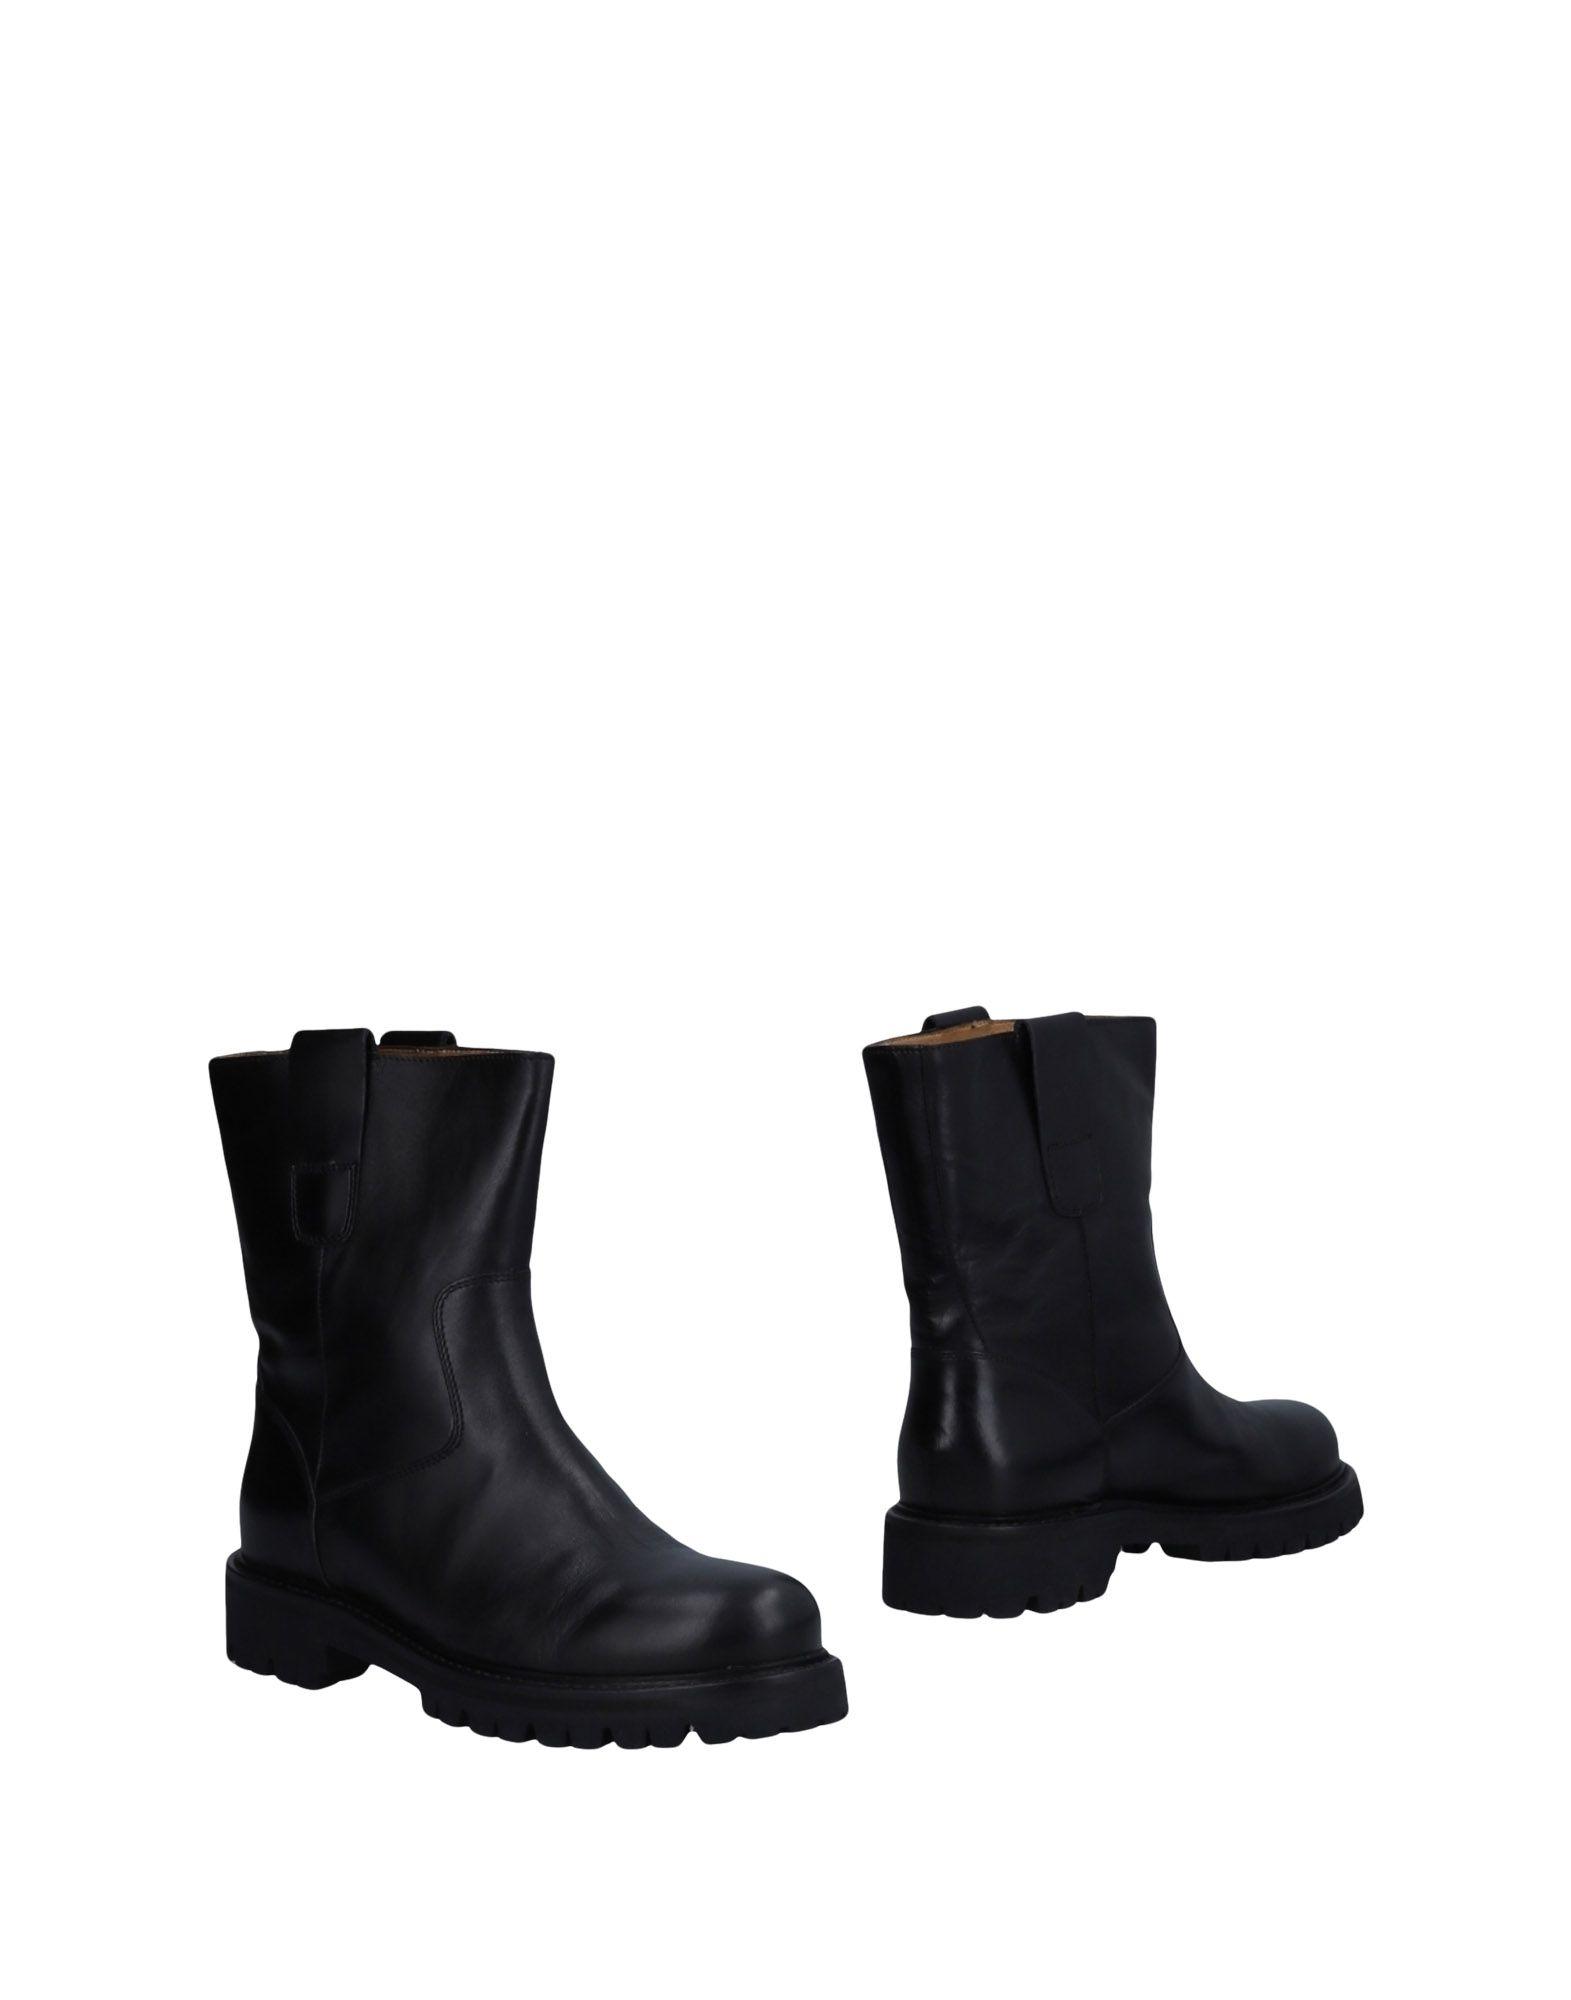 Scarpe Donna Seboy s Collezione Primavera-Estate e Autunno-Inverno -  Acquista online su YOOX 7acb126d3f8